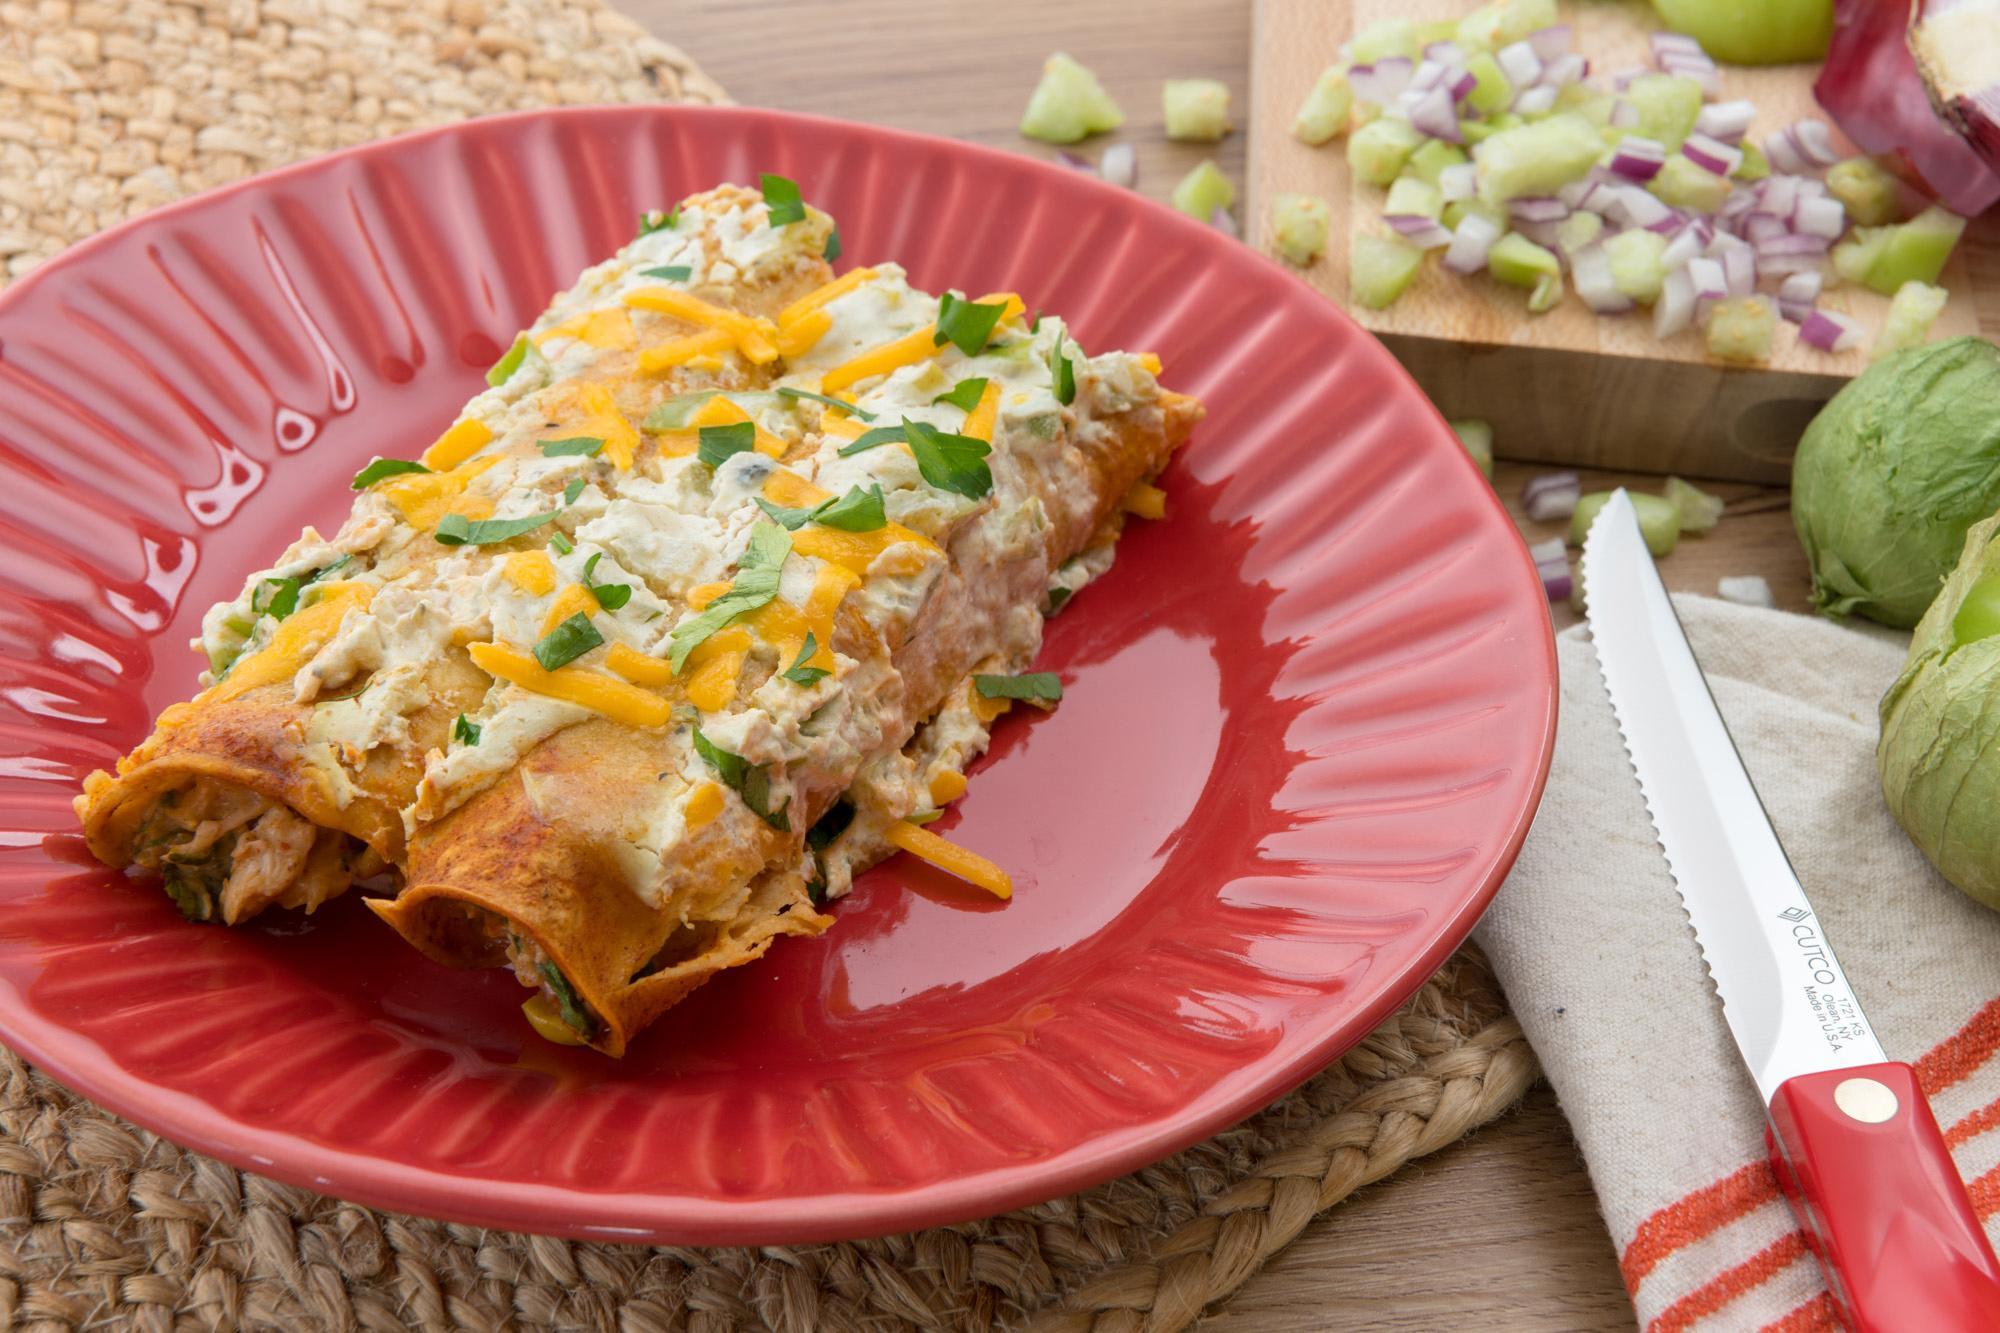 Chicken and Corn Enchiladas with Salsa Verde